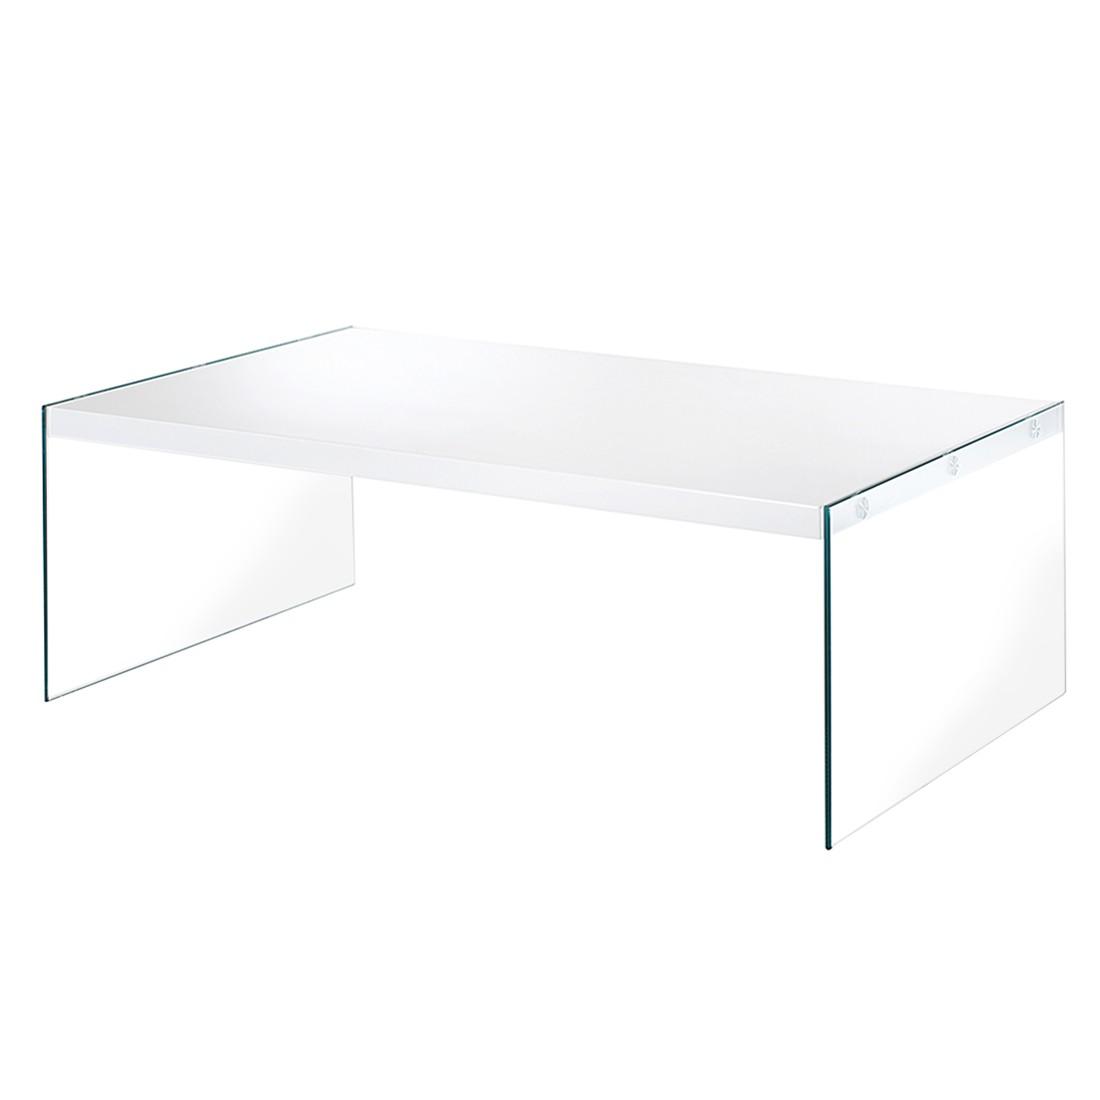 Couchtisch Savoie I – Klarglas/Hochglanz Weiß, Home Design online kaufen